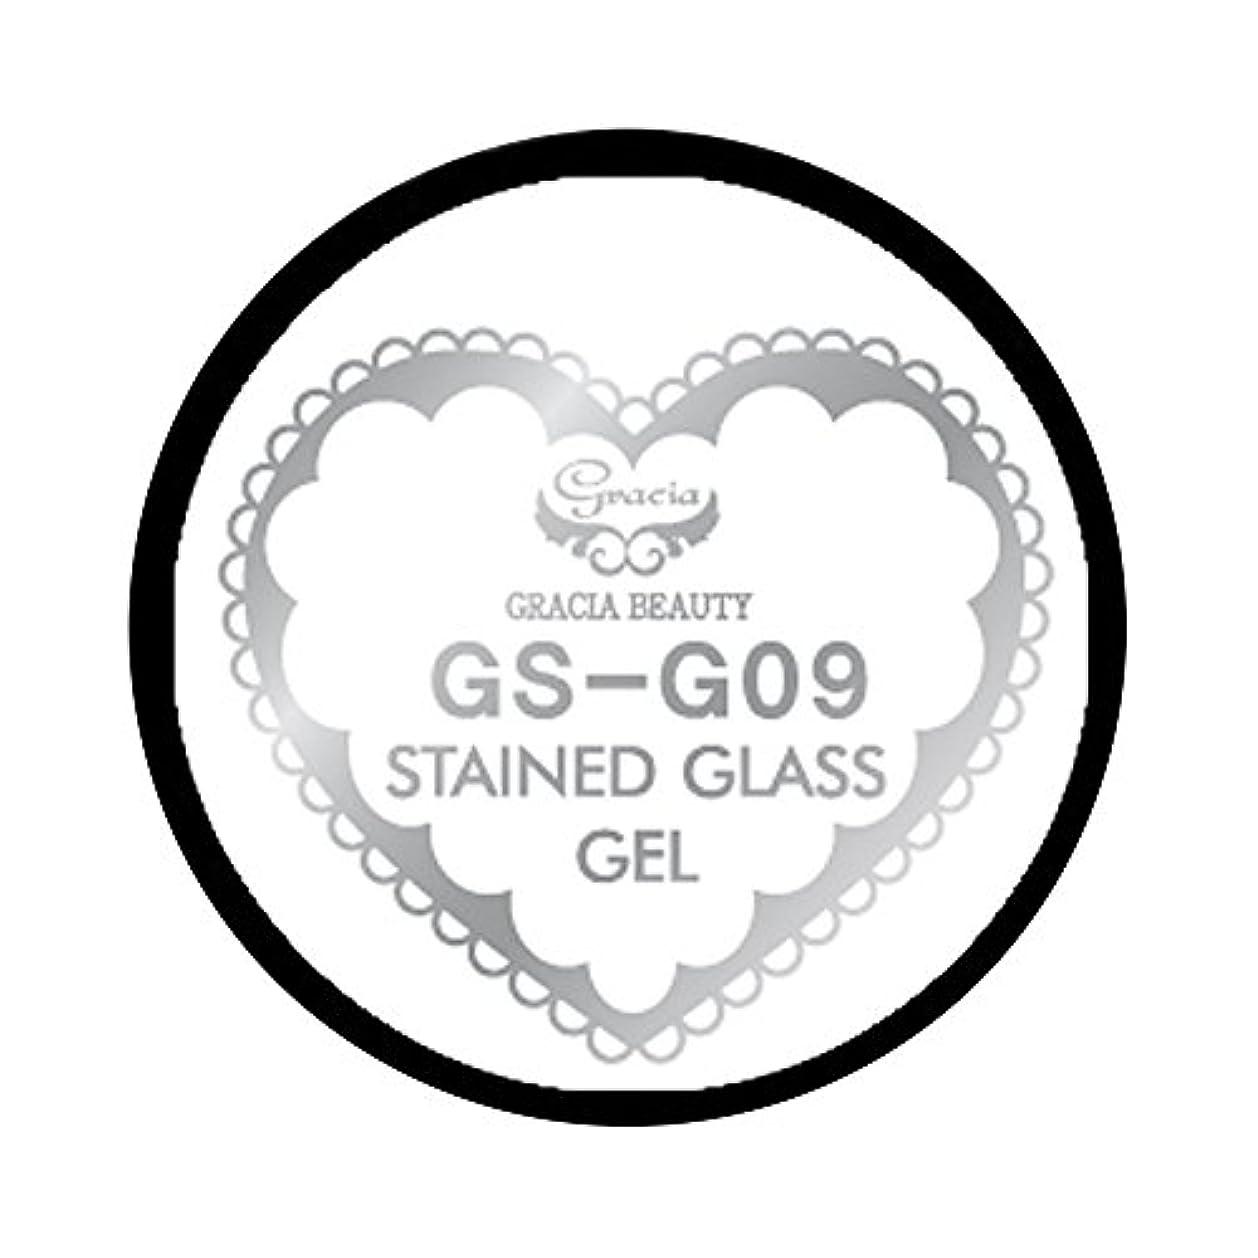 煙吐く盗難グラシア ジェルネイル ステンドグラスジェル GSM-G09 3g  グリッター UV/LED対応 カラージェル ソークオフジェル ガラスのような透明感